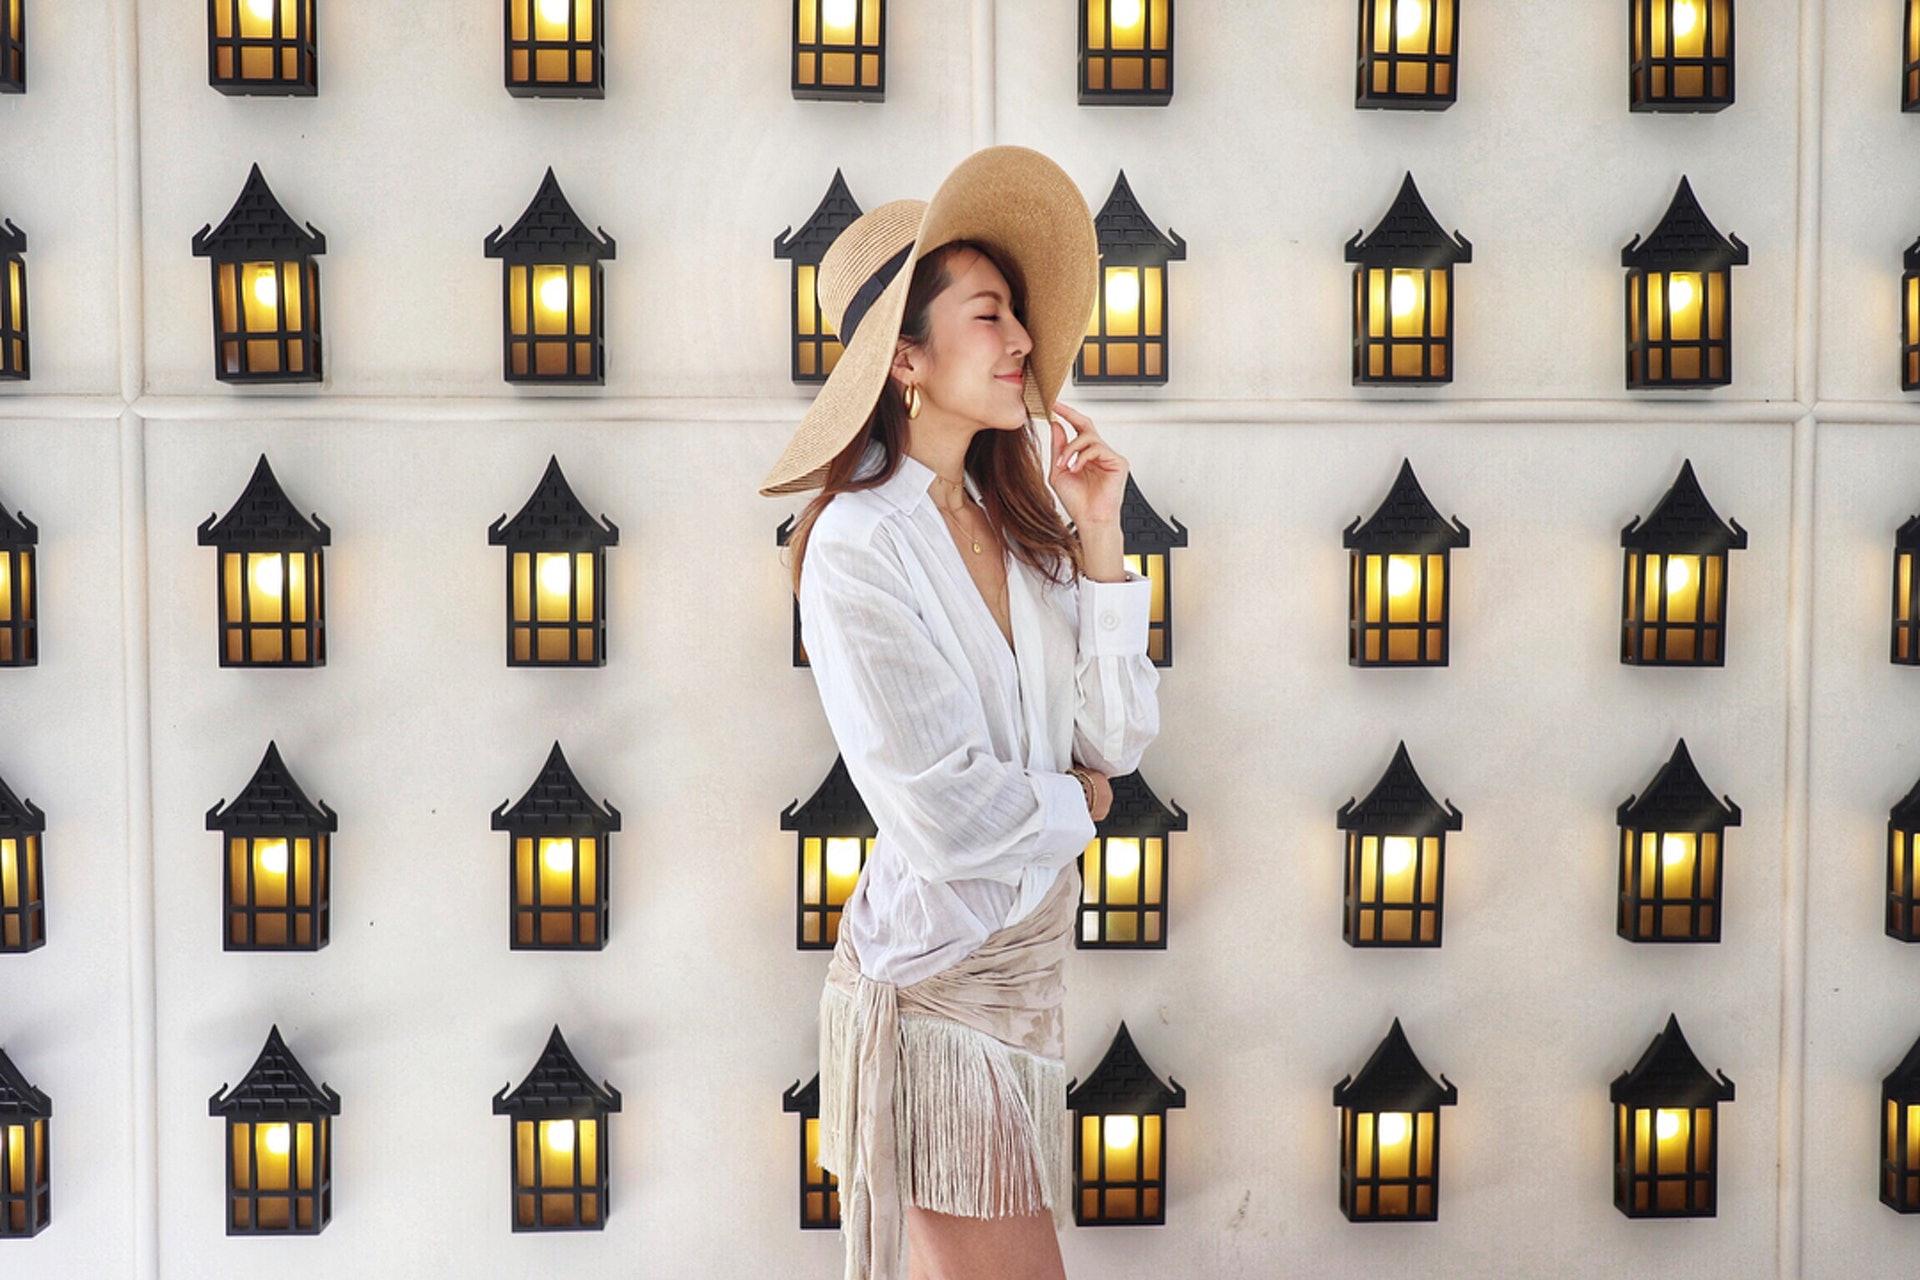 張曦雯(Kelly)鍾情於各 類型裙擺設計的連身裙。(kelllycheung@Instagram)